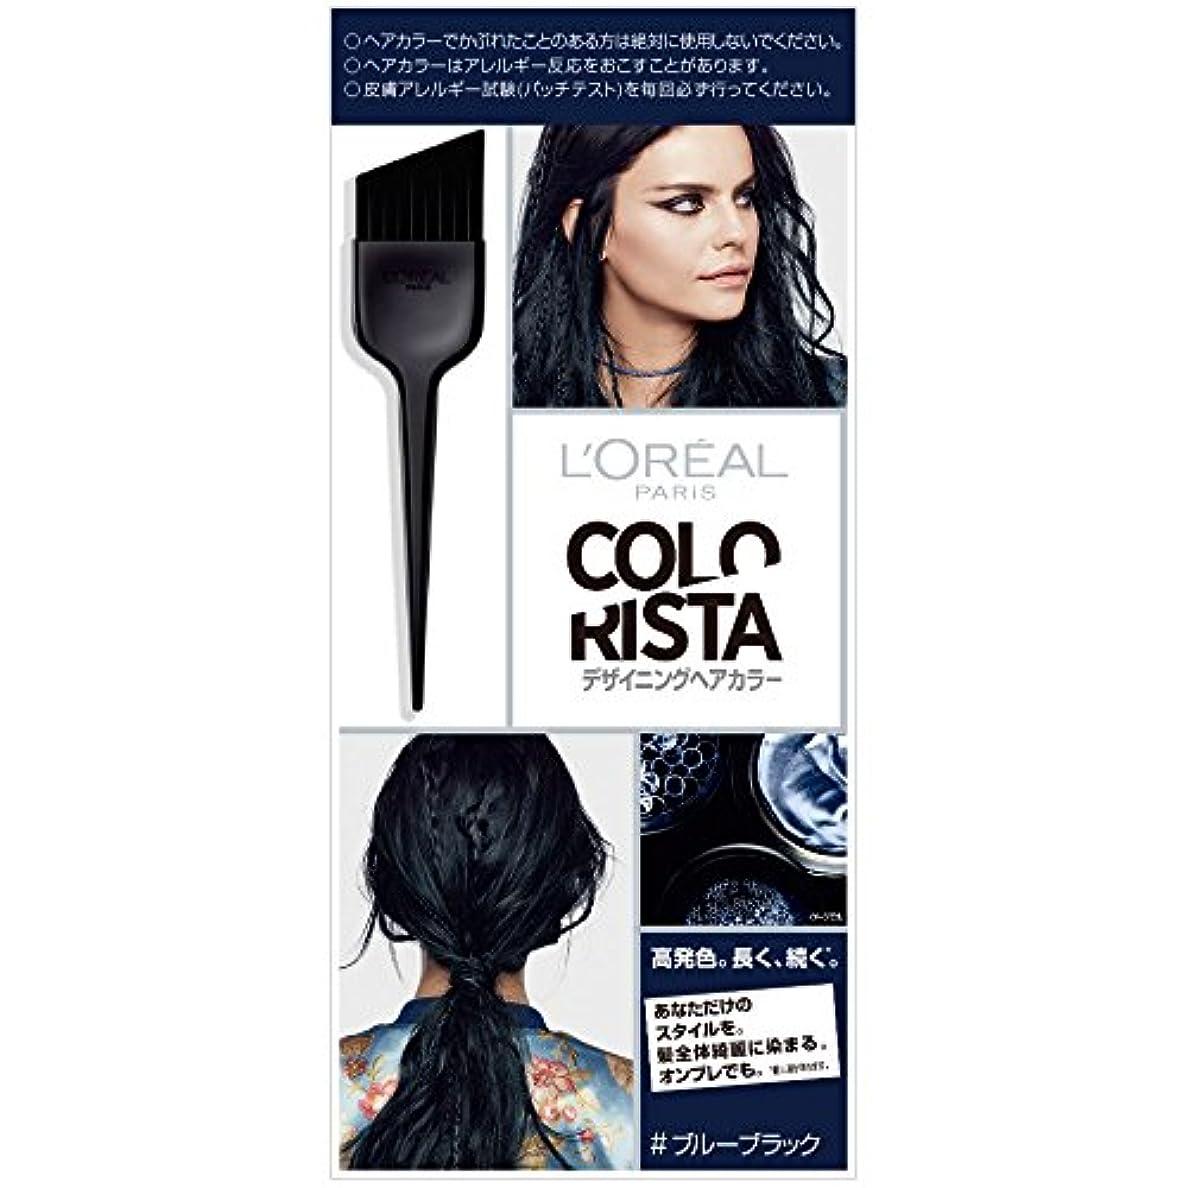 十億誠実戸口ロレアル パリ カラーリスタ デザイニングヘアカラー ブルーブラック